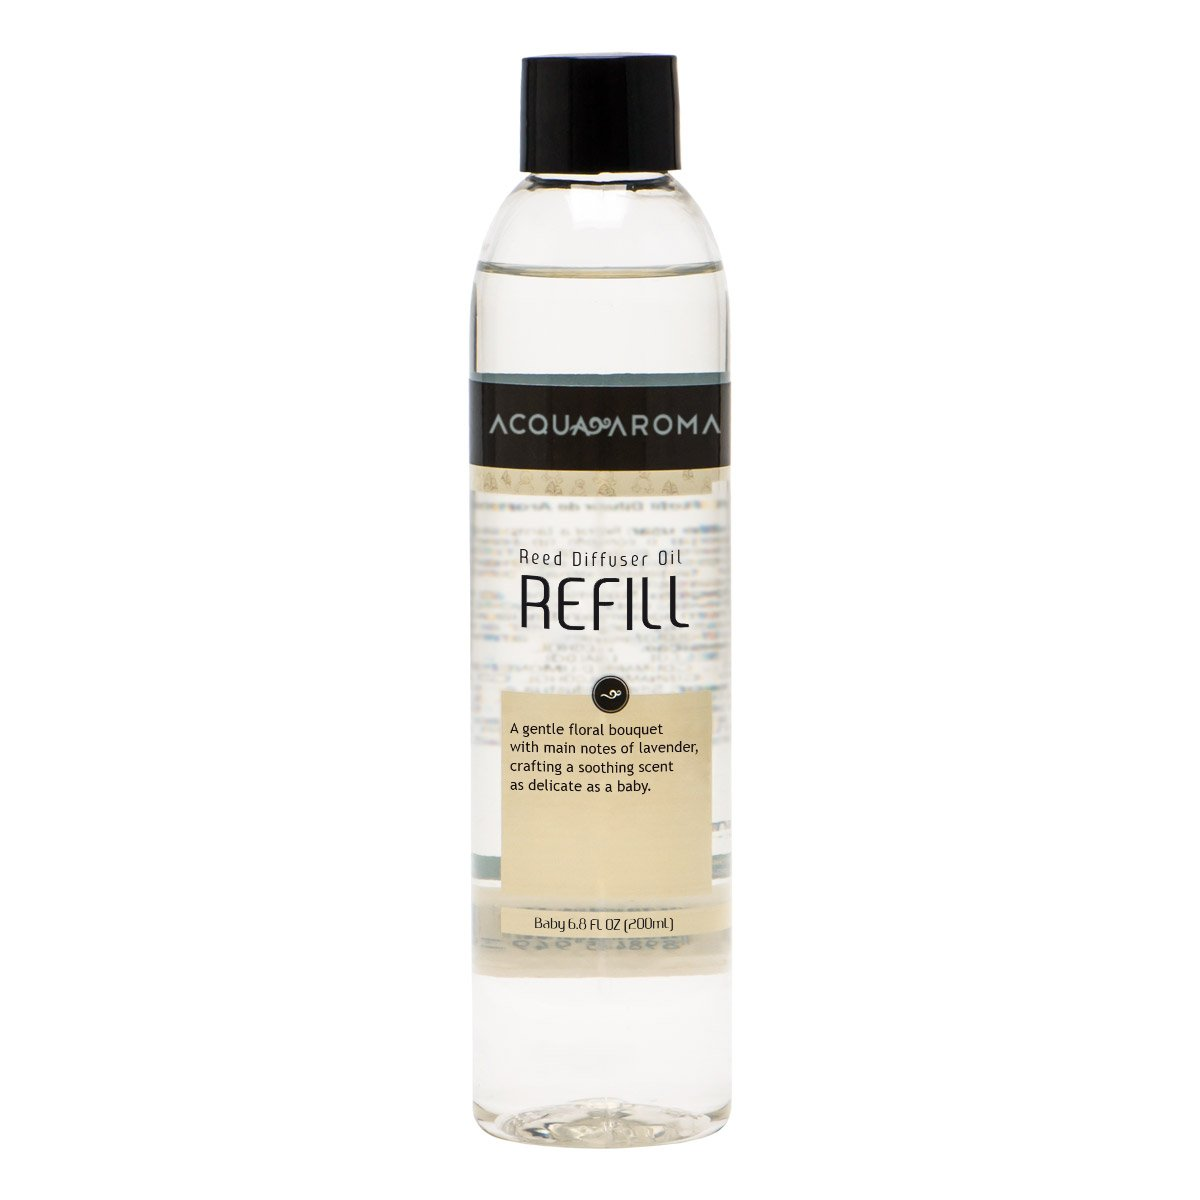 Acqua Aroma Baby Collection Reed Diffuser Oil Refill 6.8 FL OZ (200mL) by Acqua Aroma (Image #1)